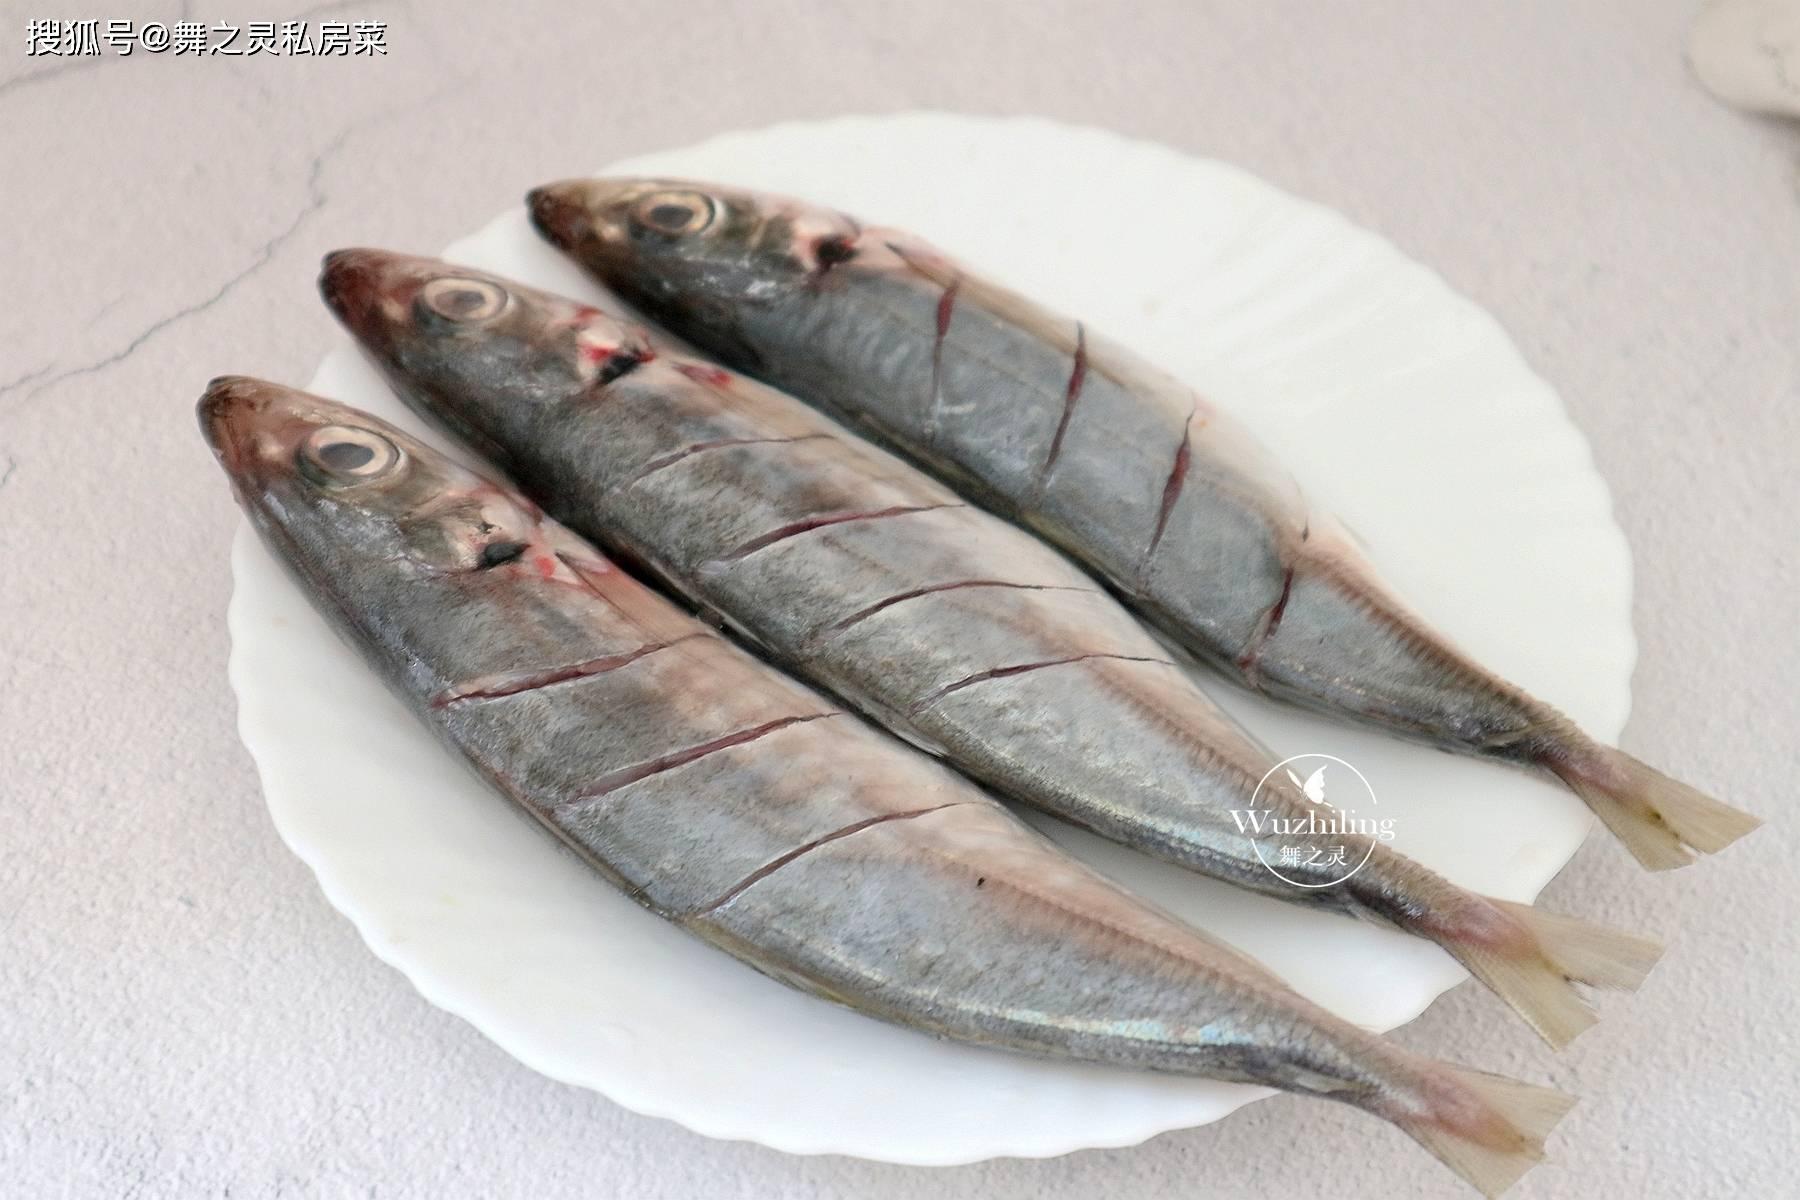 这鱼孩子要多吃,17种氨基酸,天然味精,完全符合孩子的生长需求